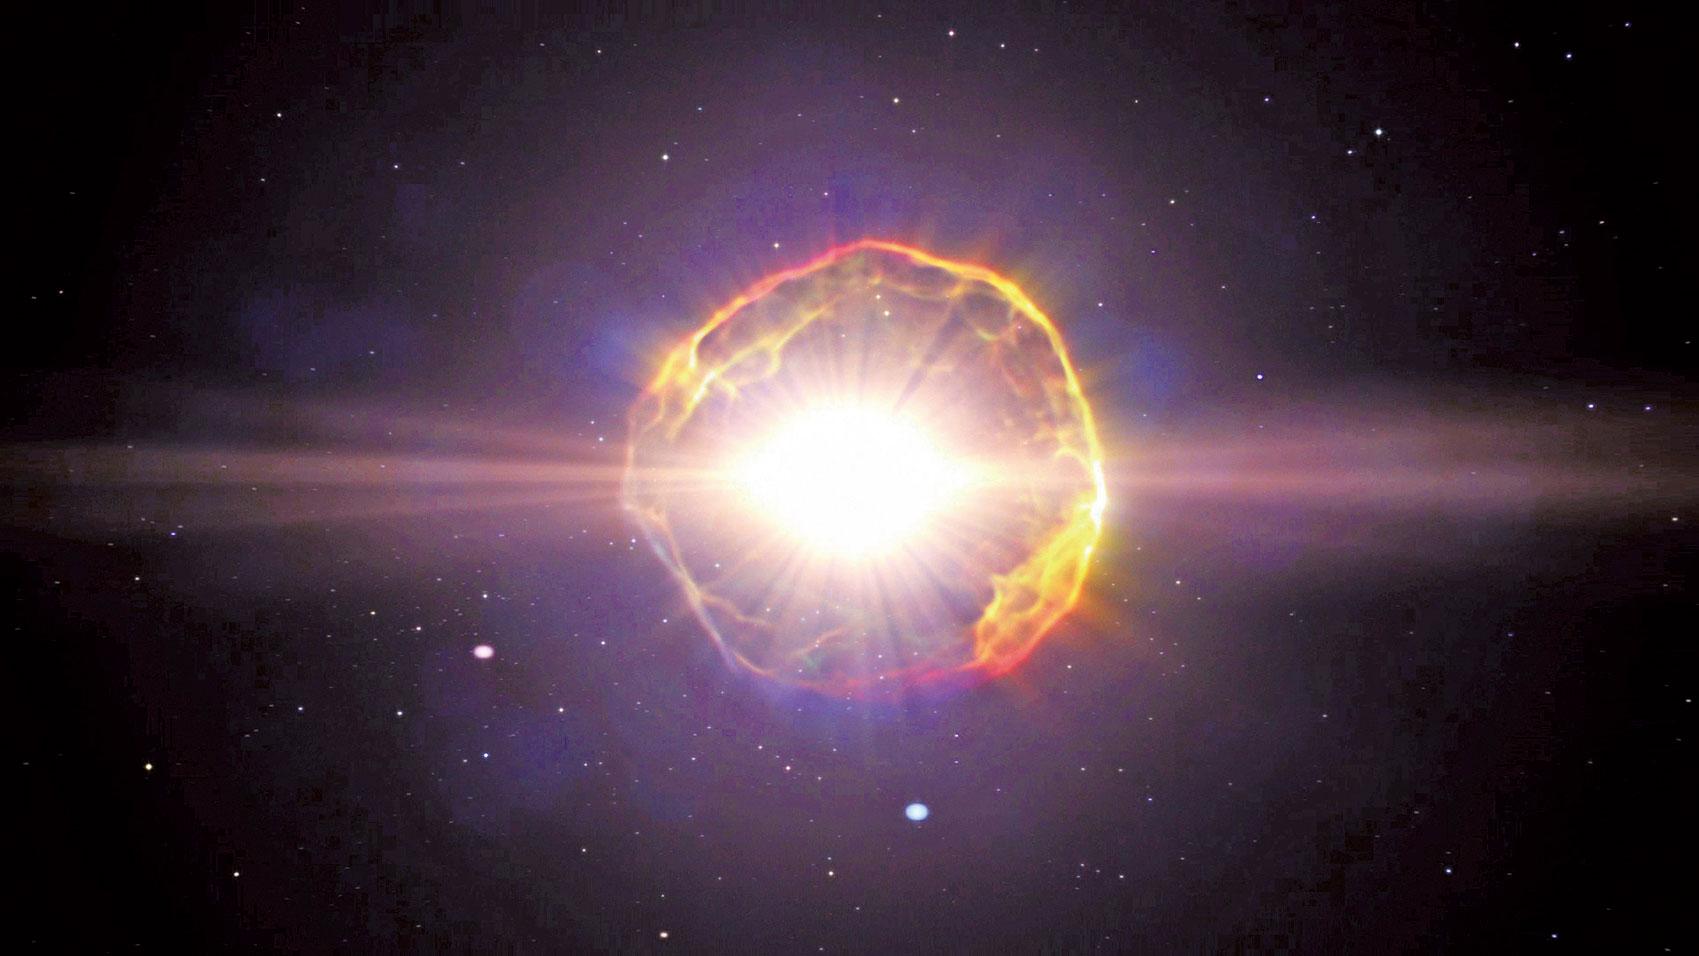 超新星示意圖。(NASA)